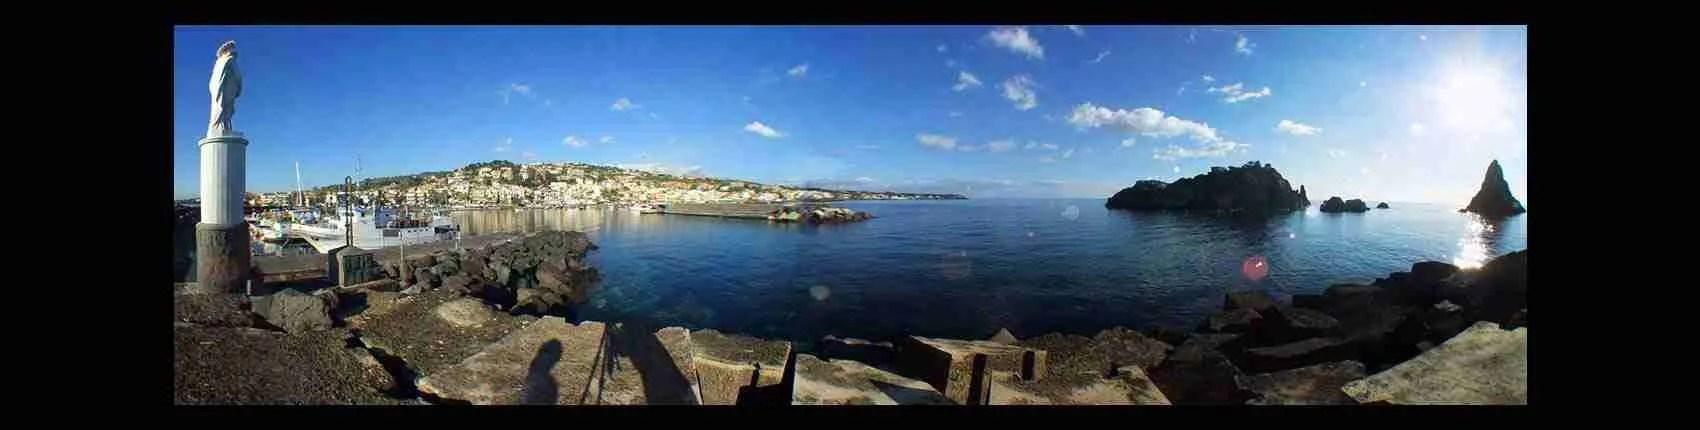 La spiaggia di Acitrezza è il luogo preferito dalle escort Catania per una giornata al mare. Magica Escort